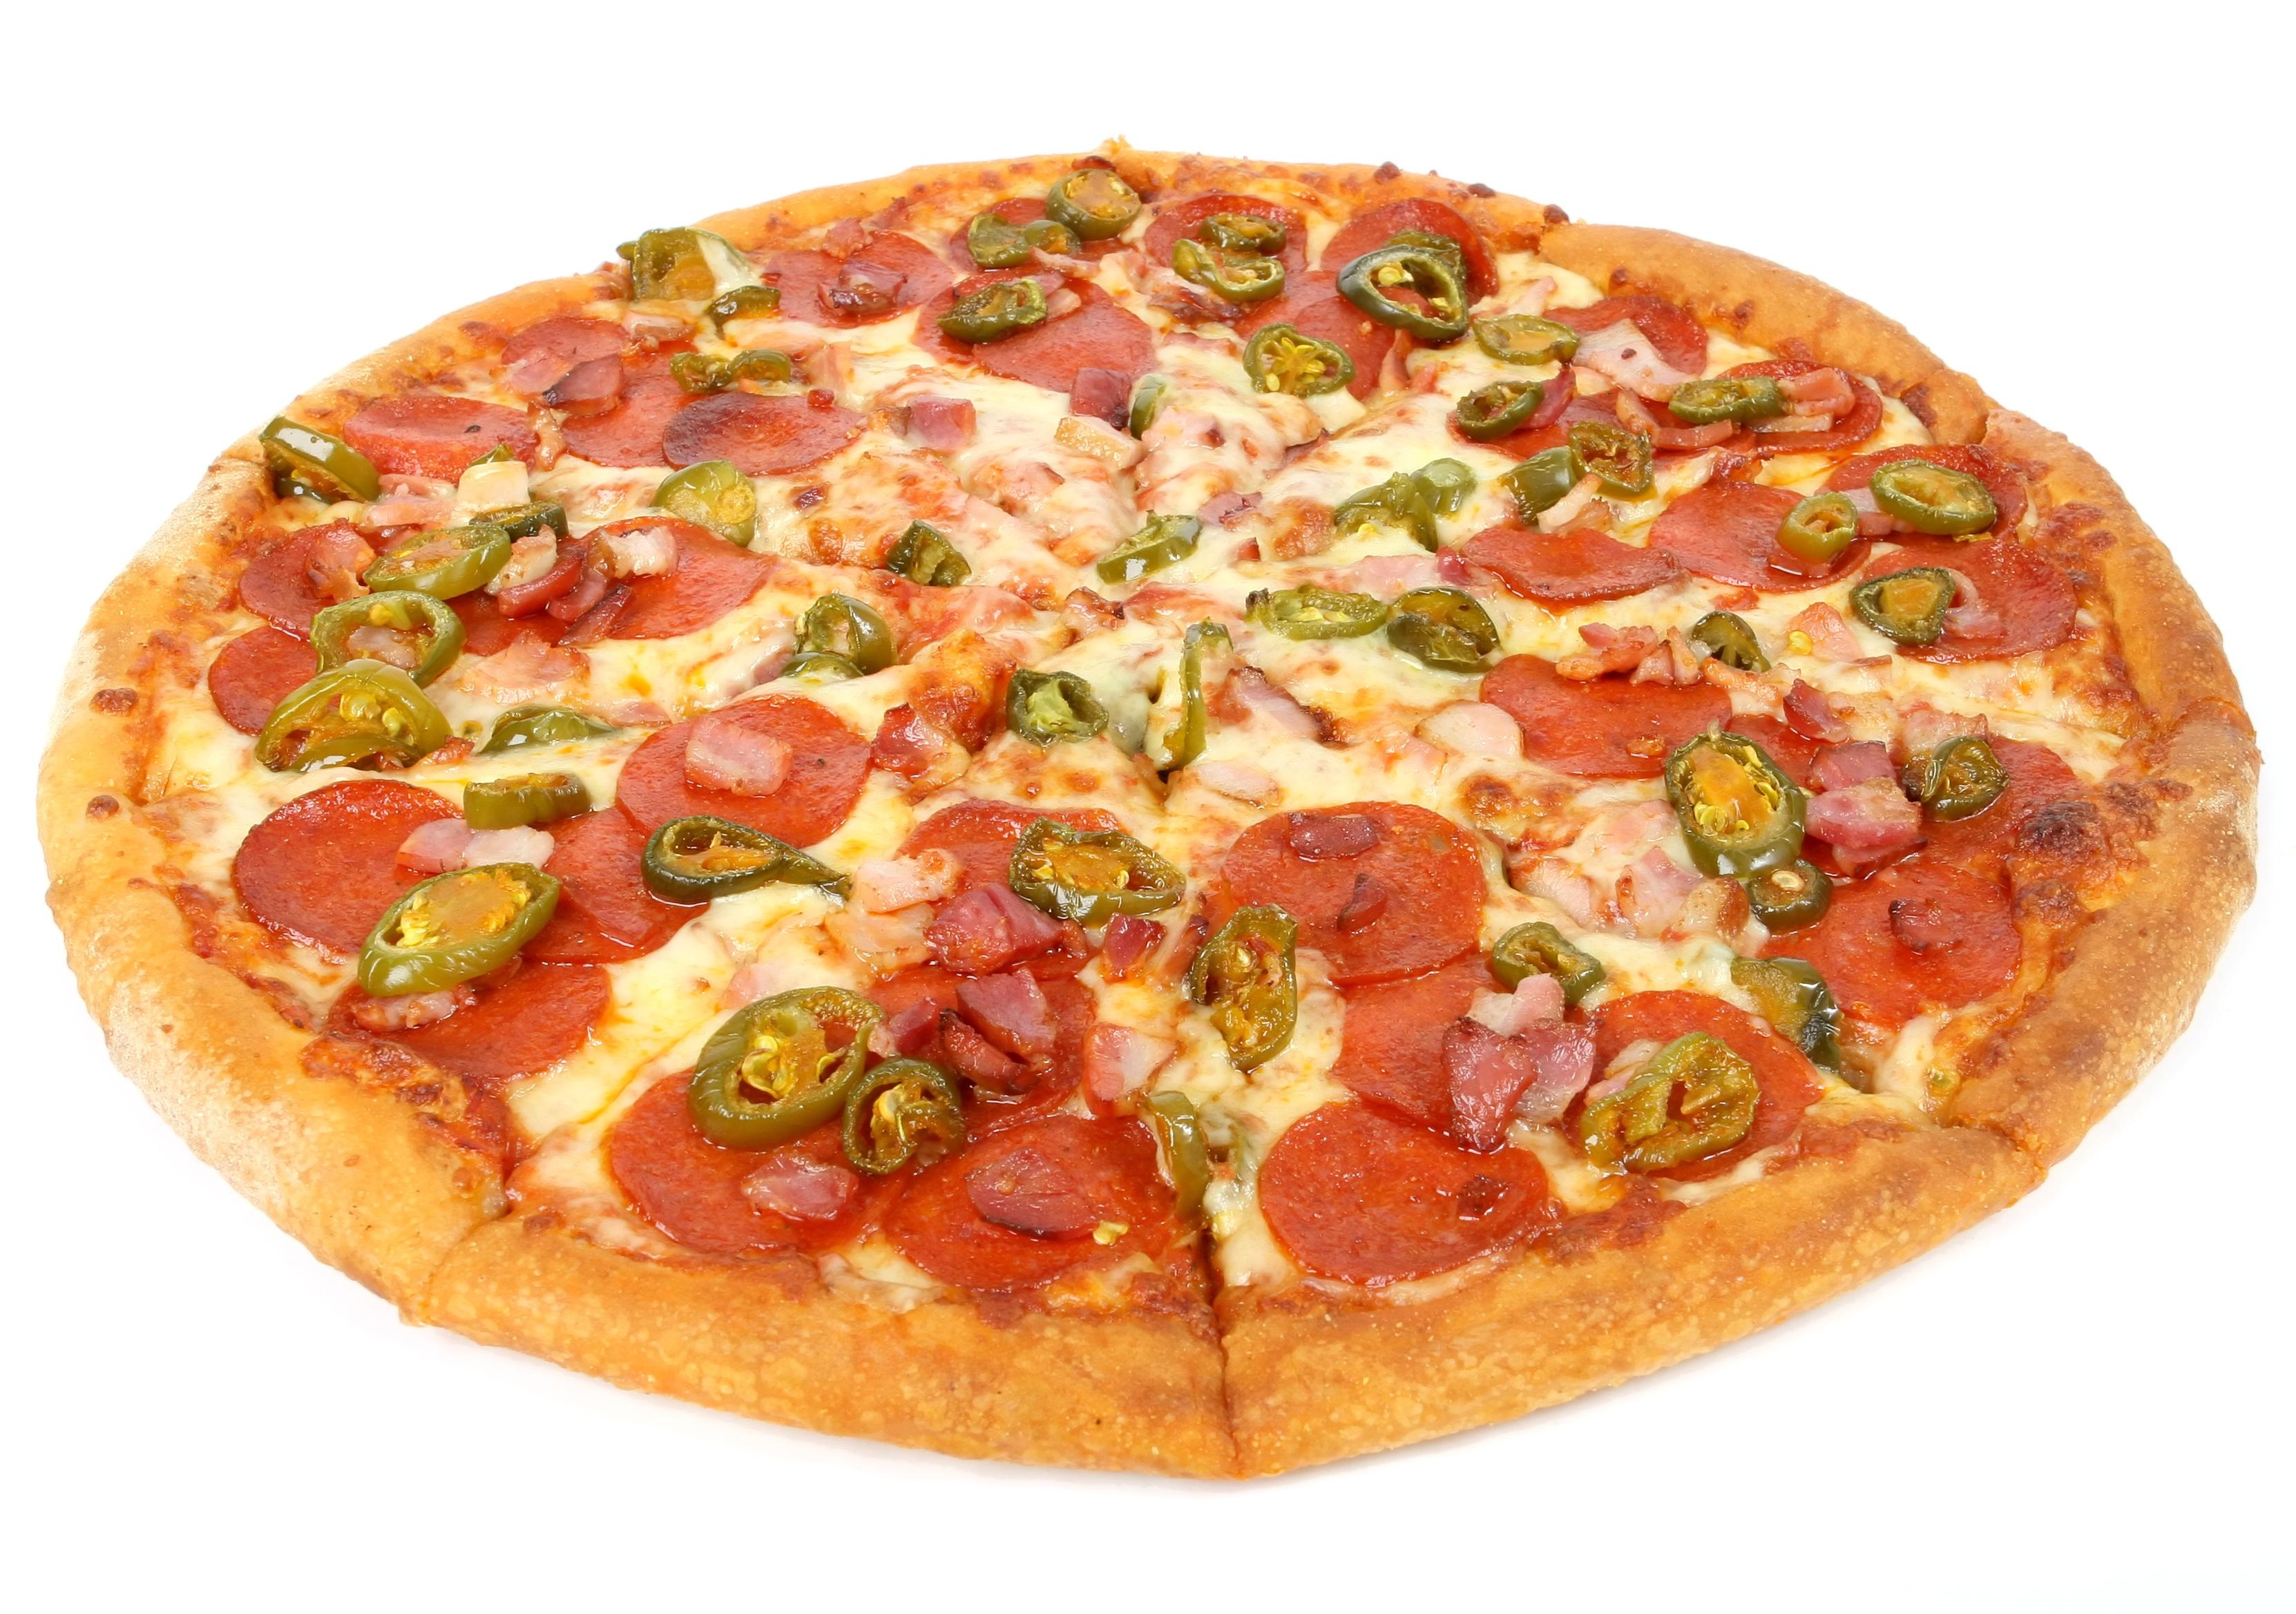 Delicious pizza photo